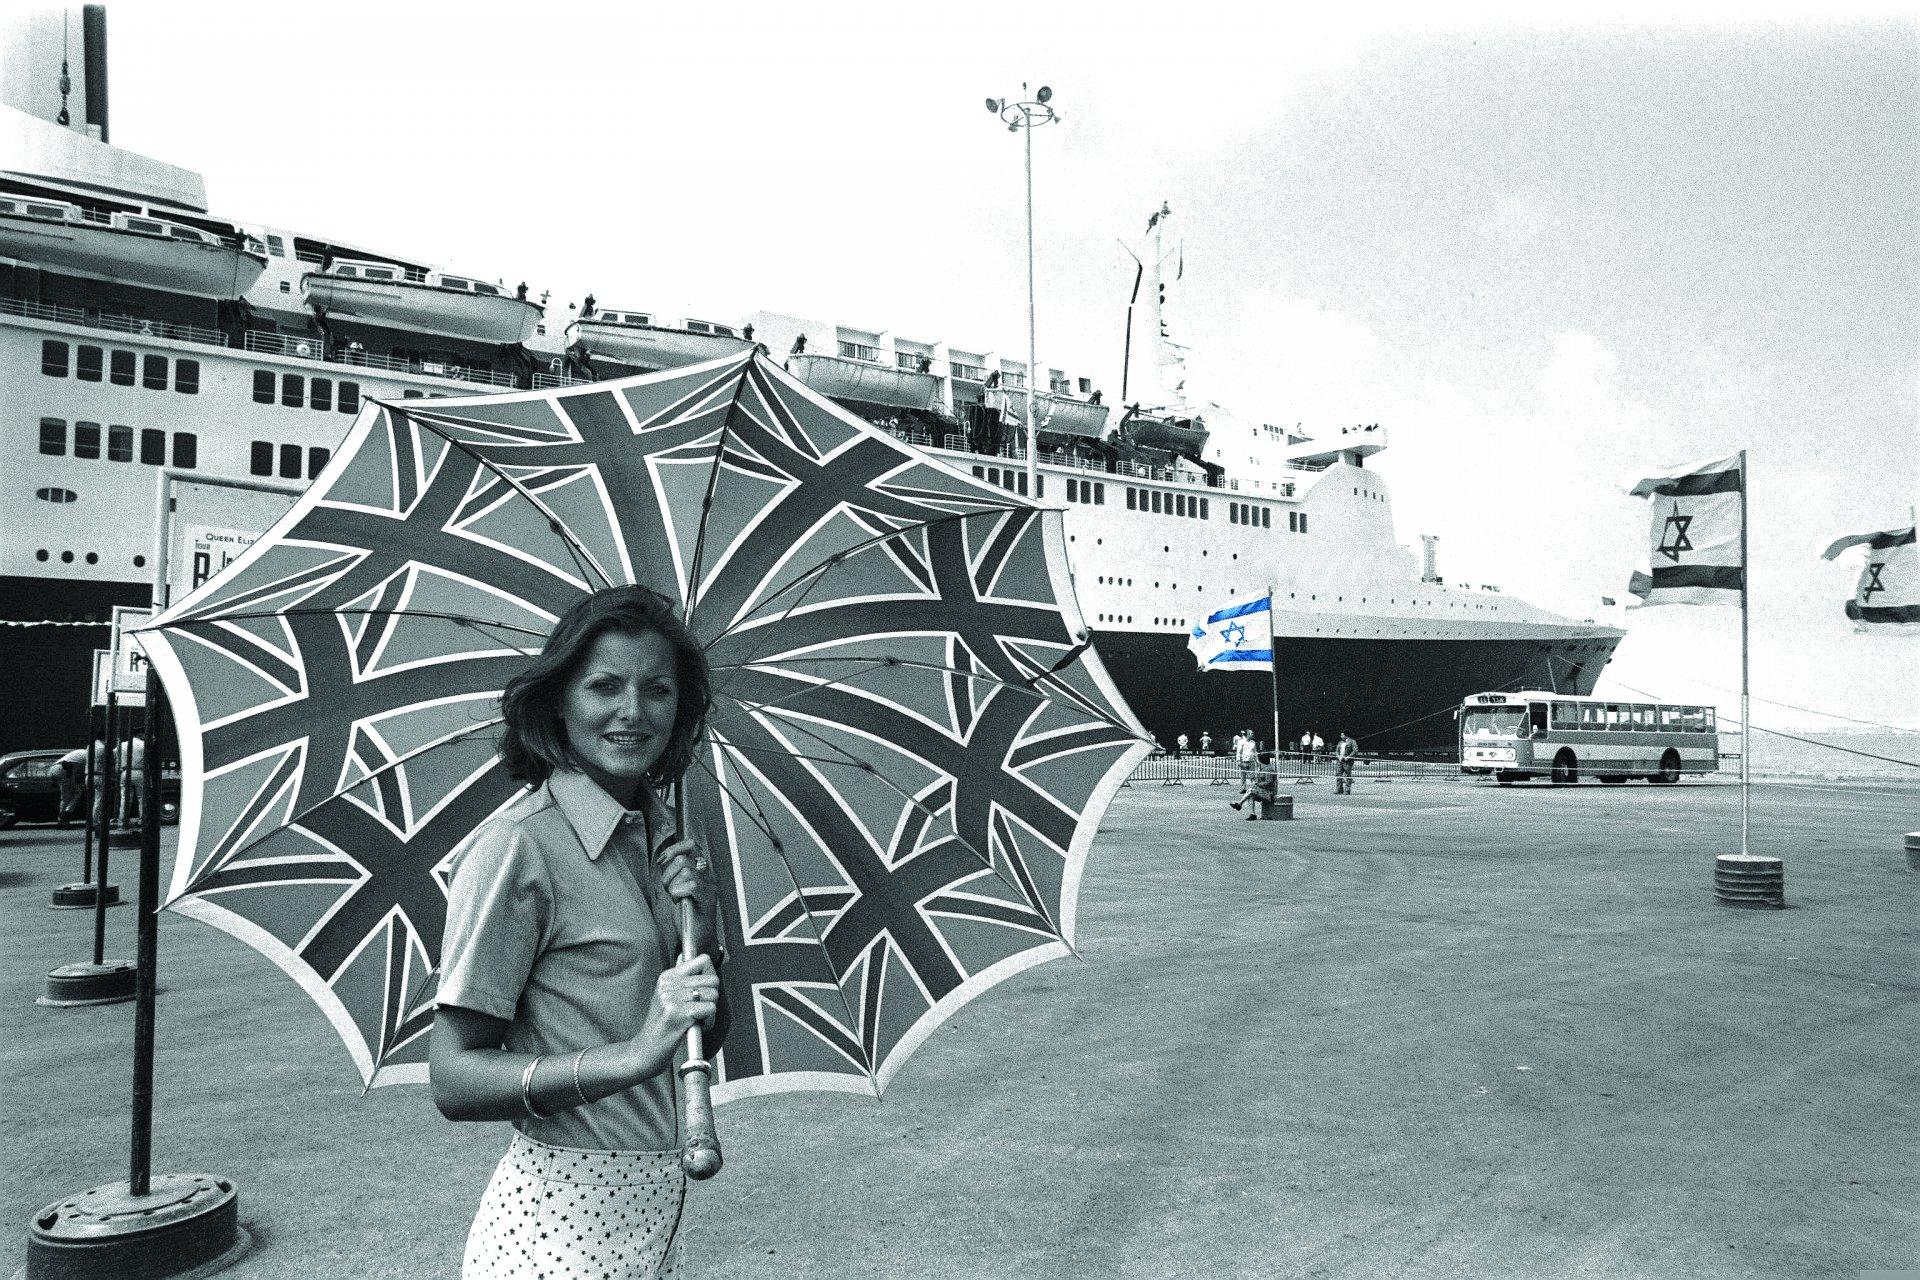 אוניית נוסעים בנמל אשדוד, 1973. צילום: משה מילנר, לשכת העיתונות הממשלתית